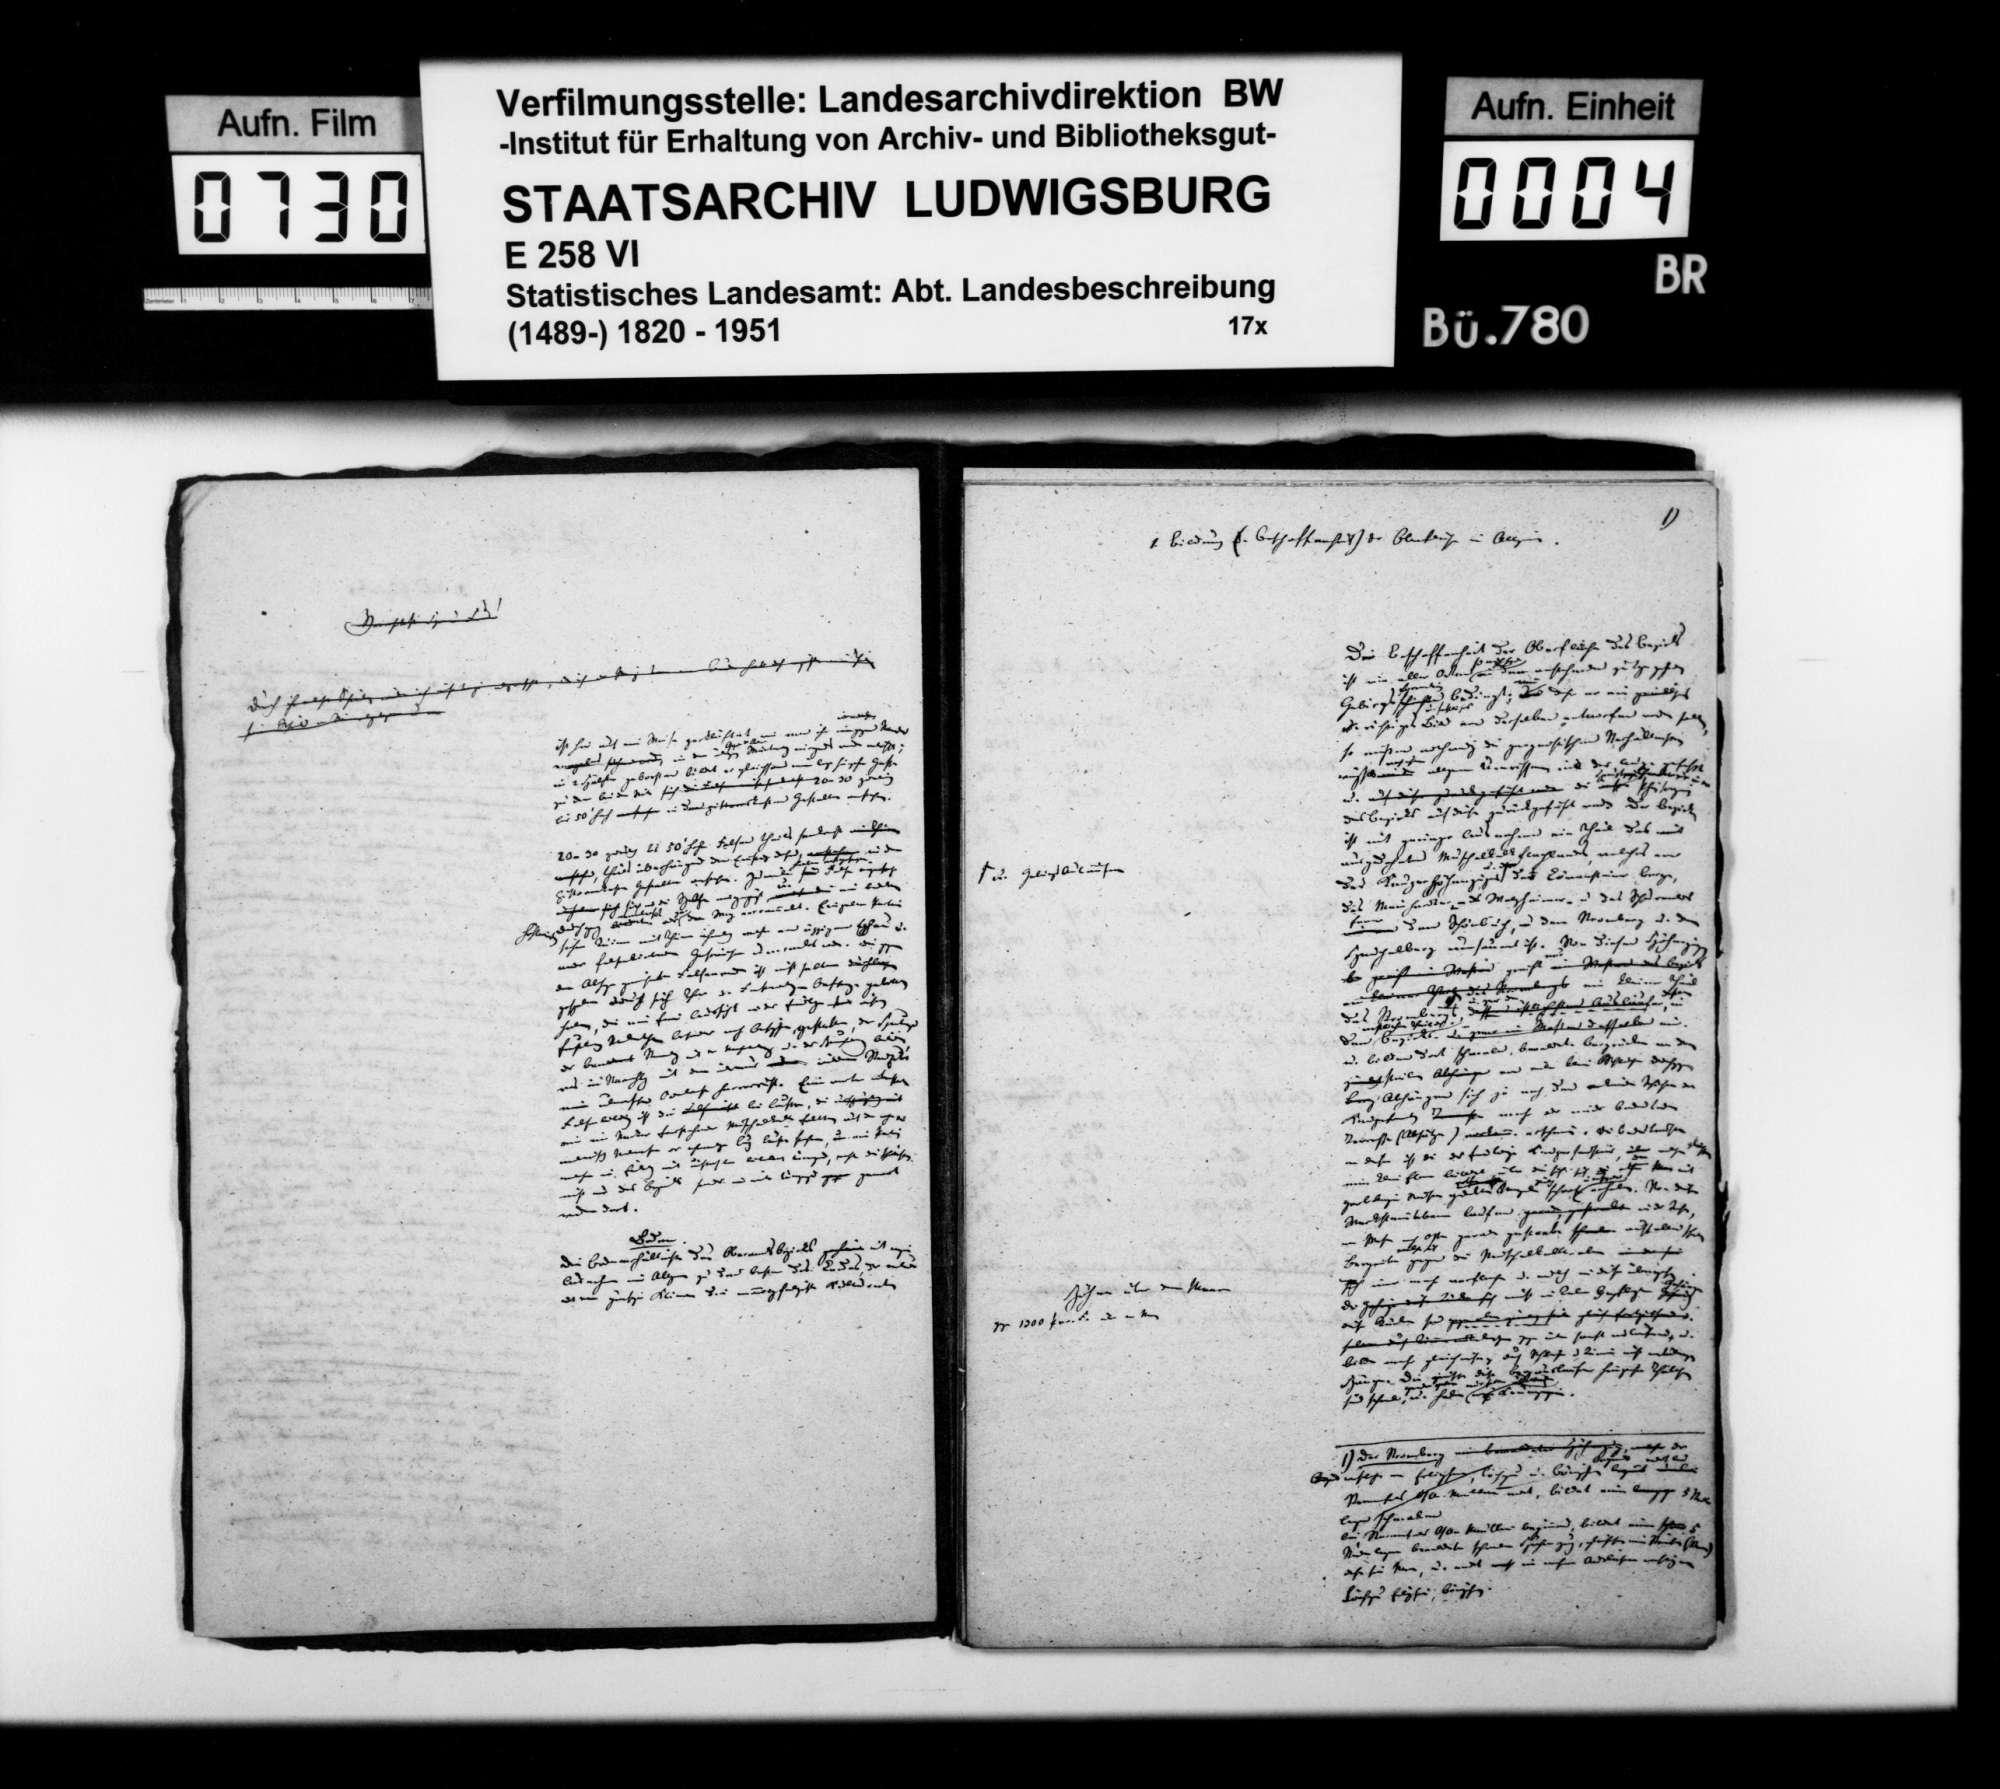 Textmanuskript [des Finanzassessors Karl Eduard Paulus] zu Teilen der OAB, Bild 3